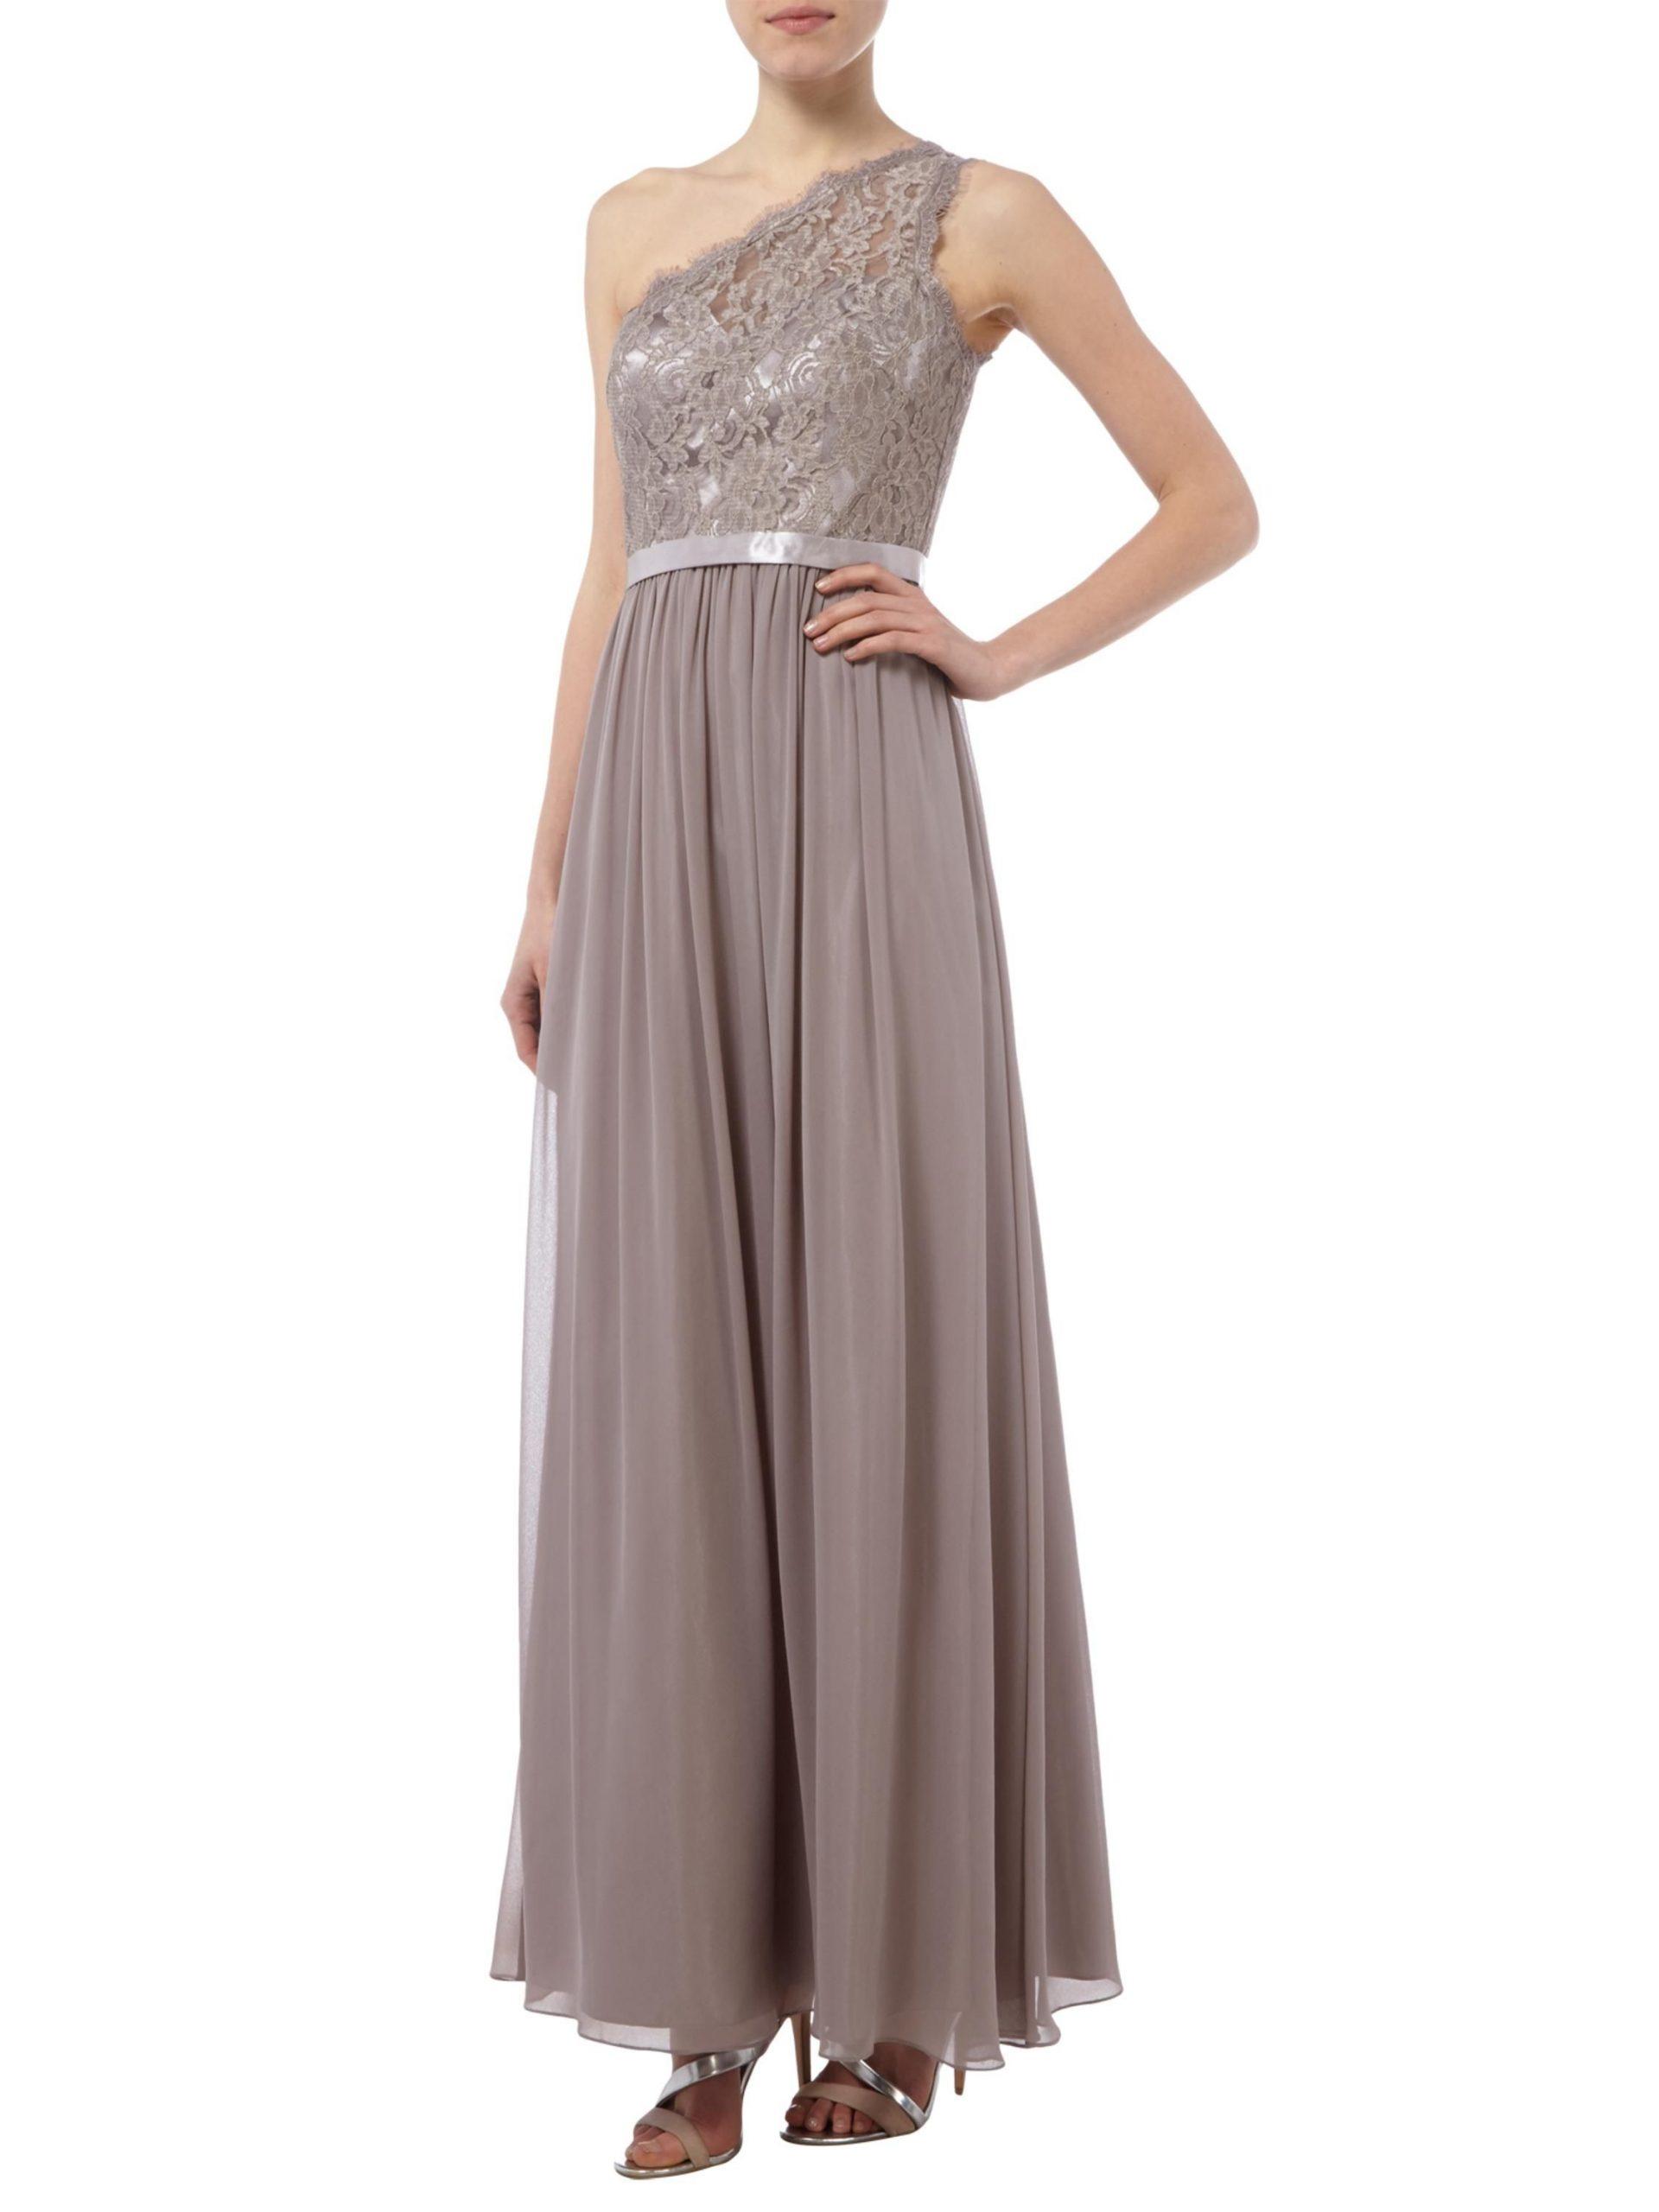 Formal Schön Abendkleider Versand Stylish13 Luxus Abendkleider Versand für 2019